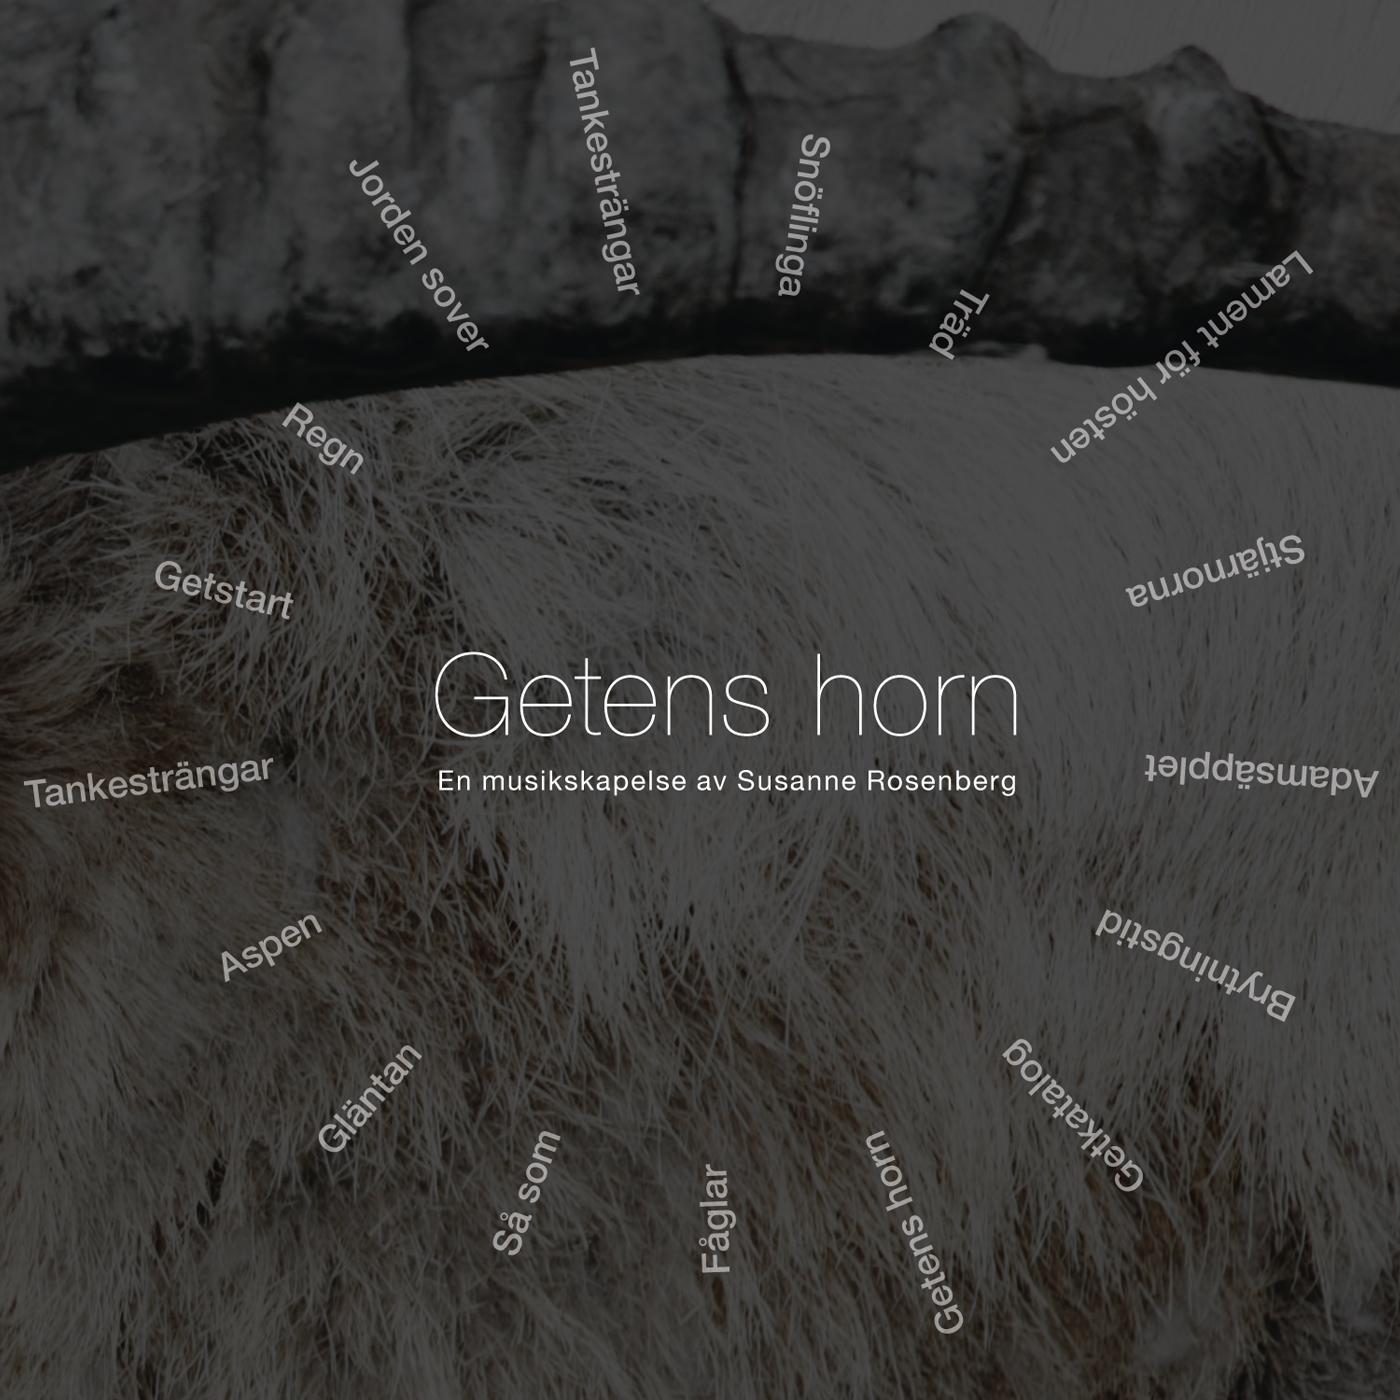 CD Getens horn